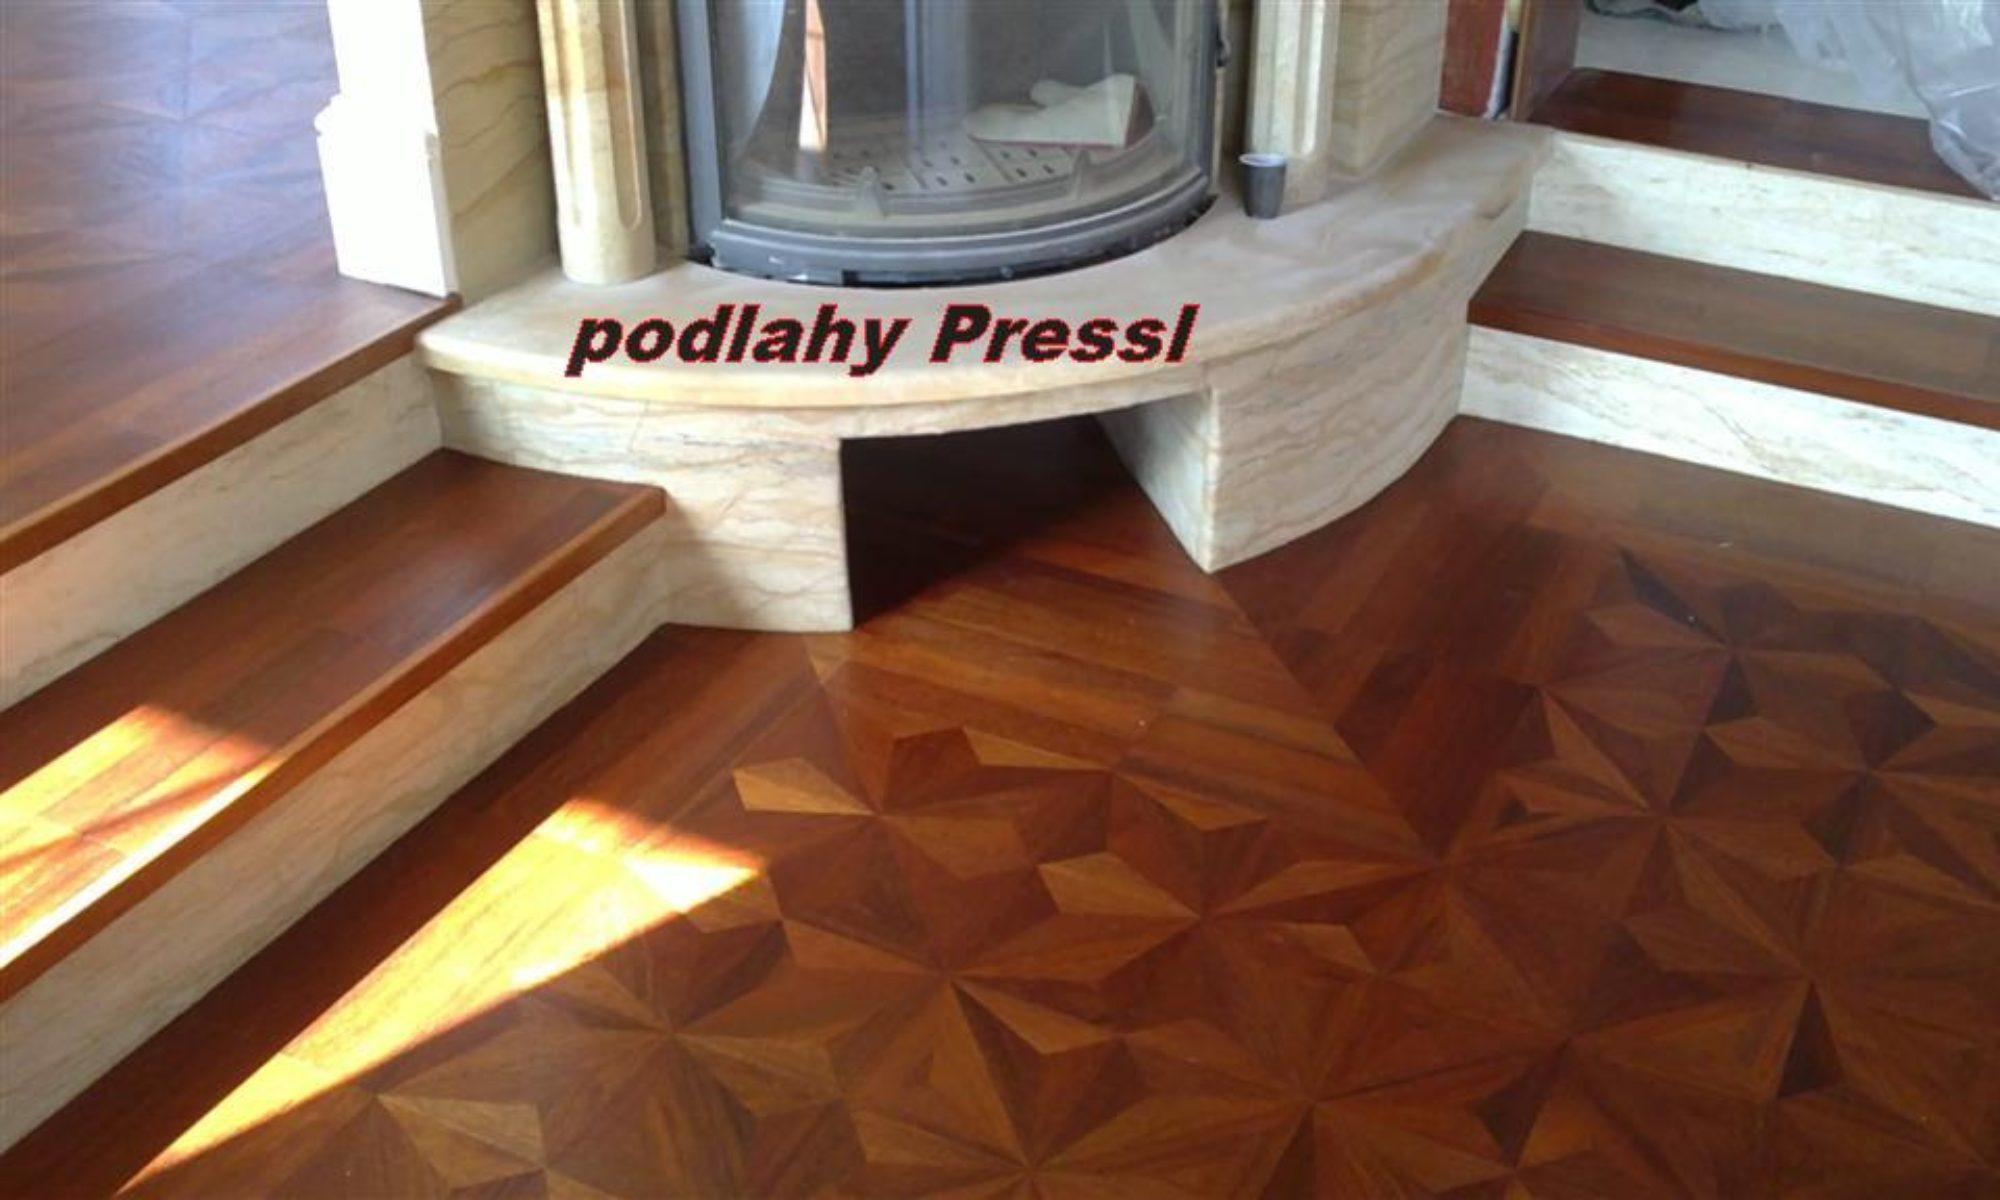 Podlahy Pressl - Plzeň - pokládka podlah v Plzni